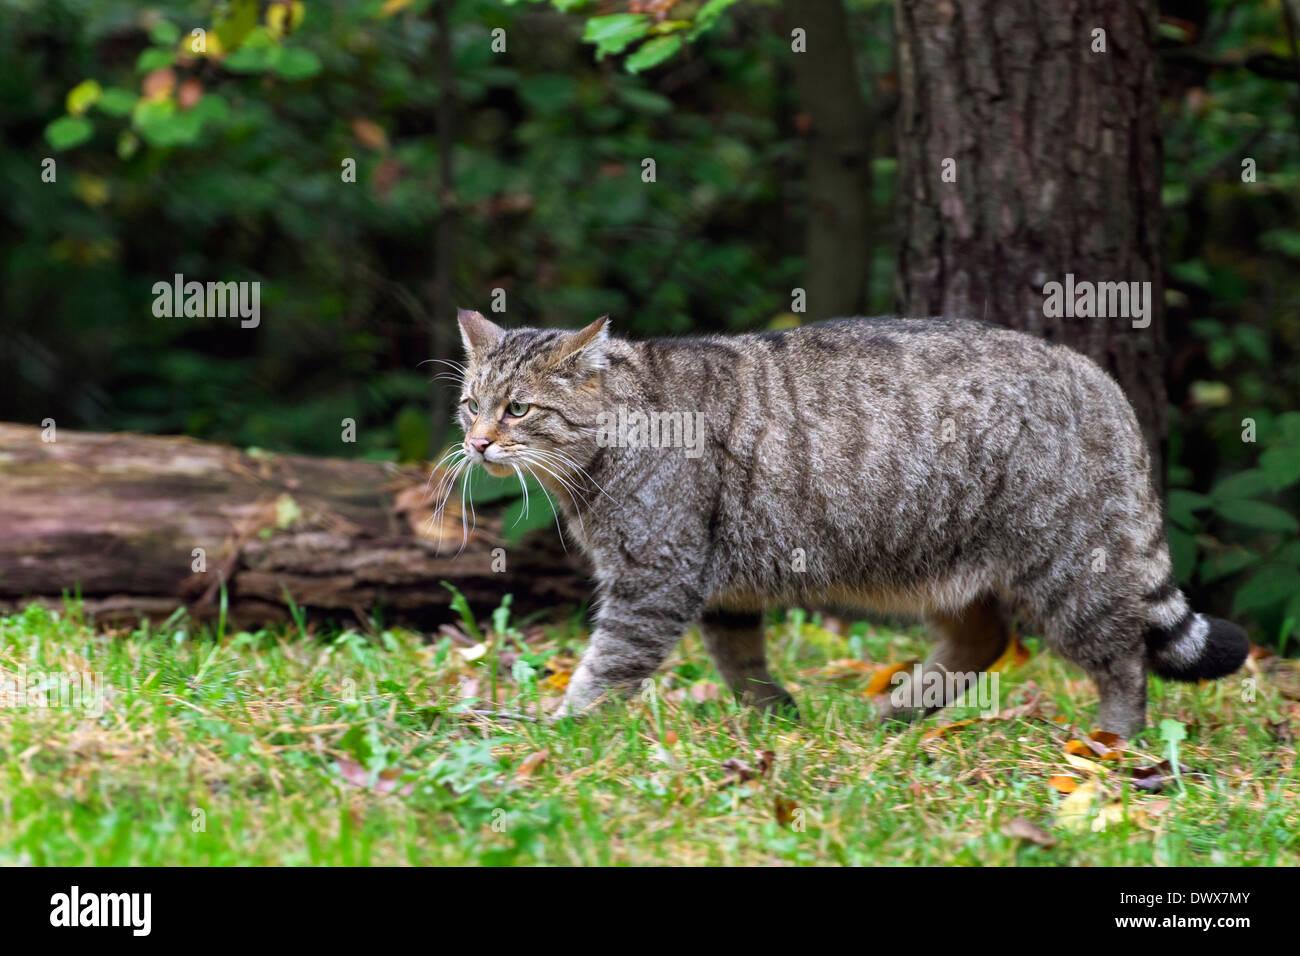 European wildcat (Felis silvestris silvestris) walking in